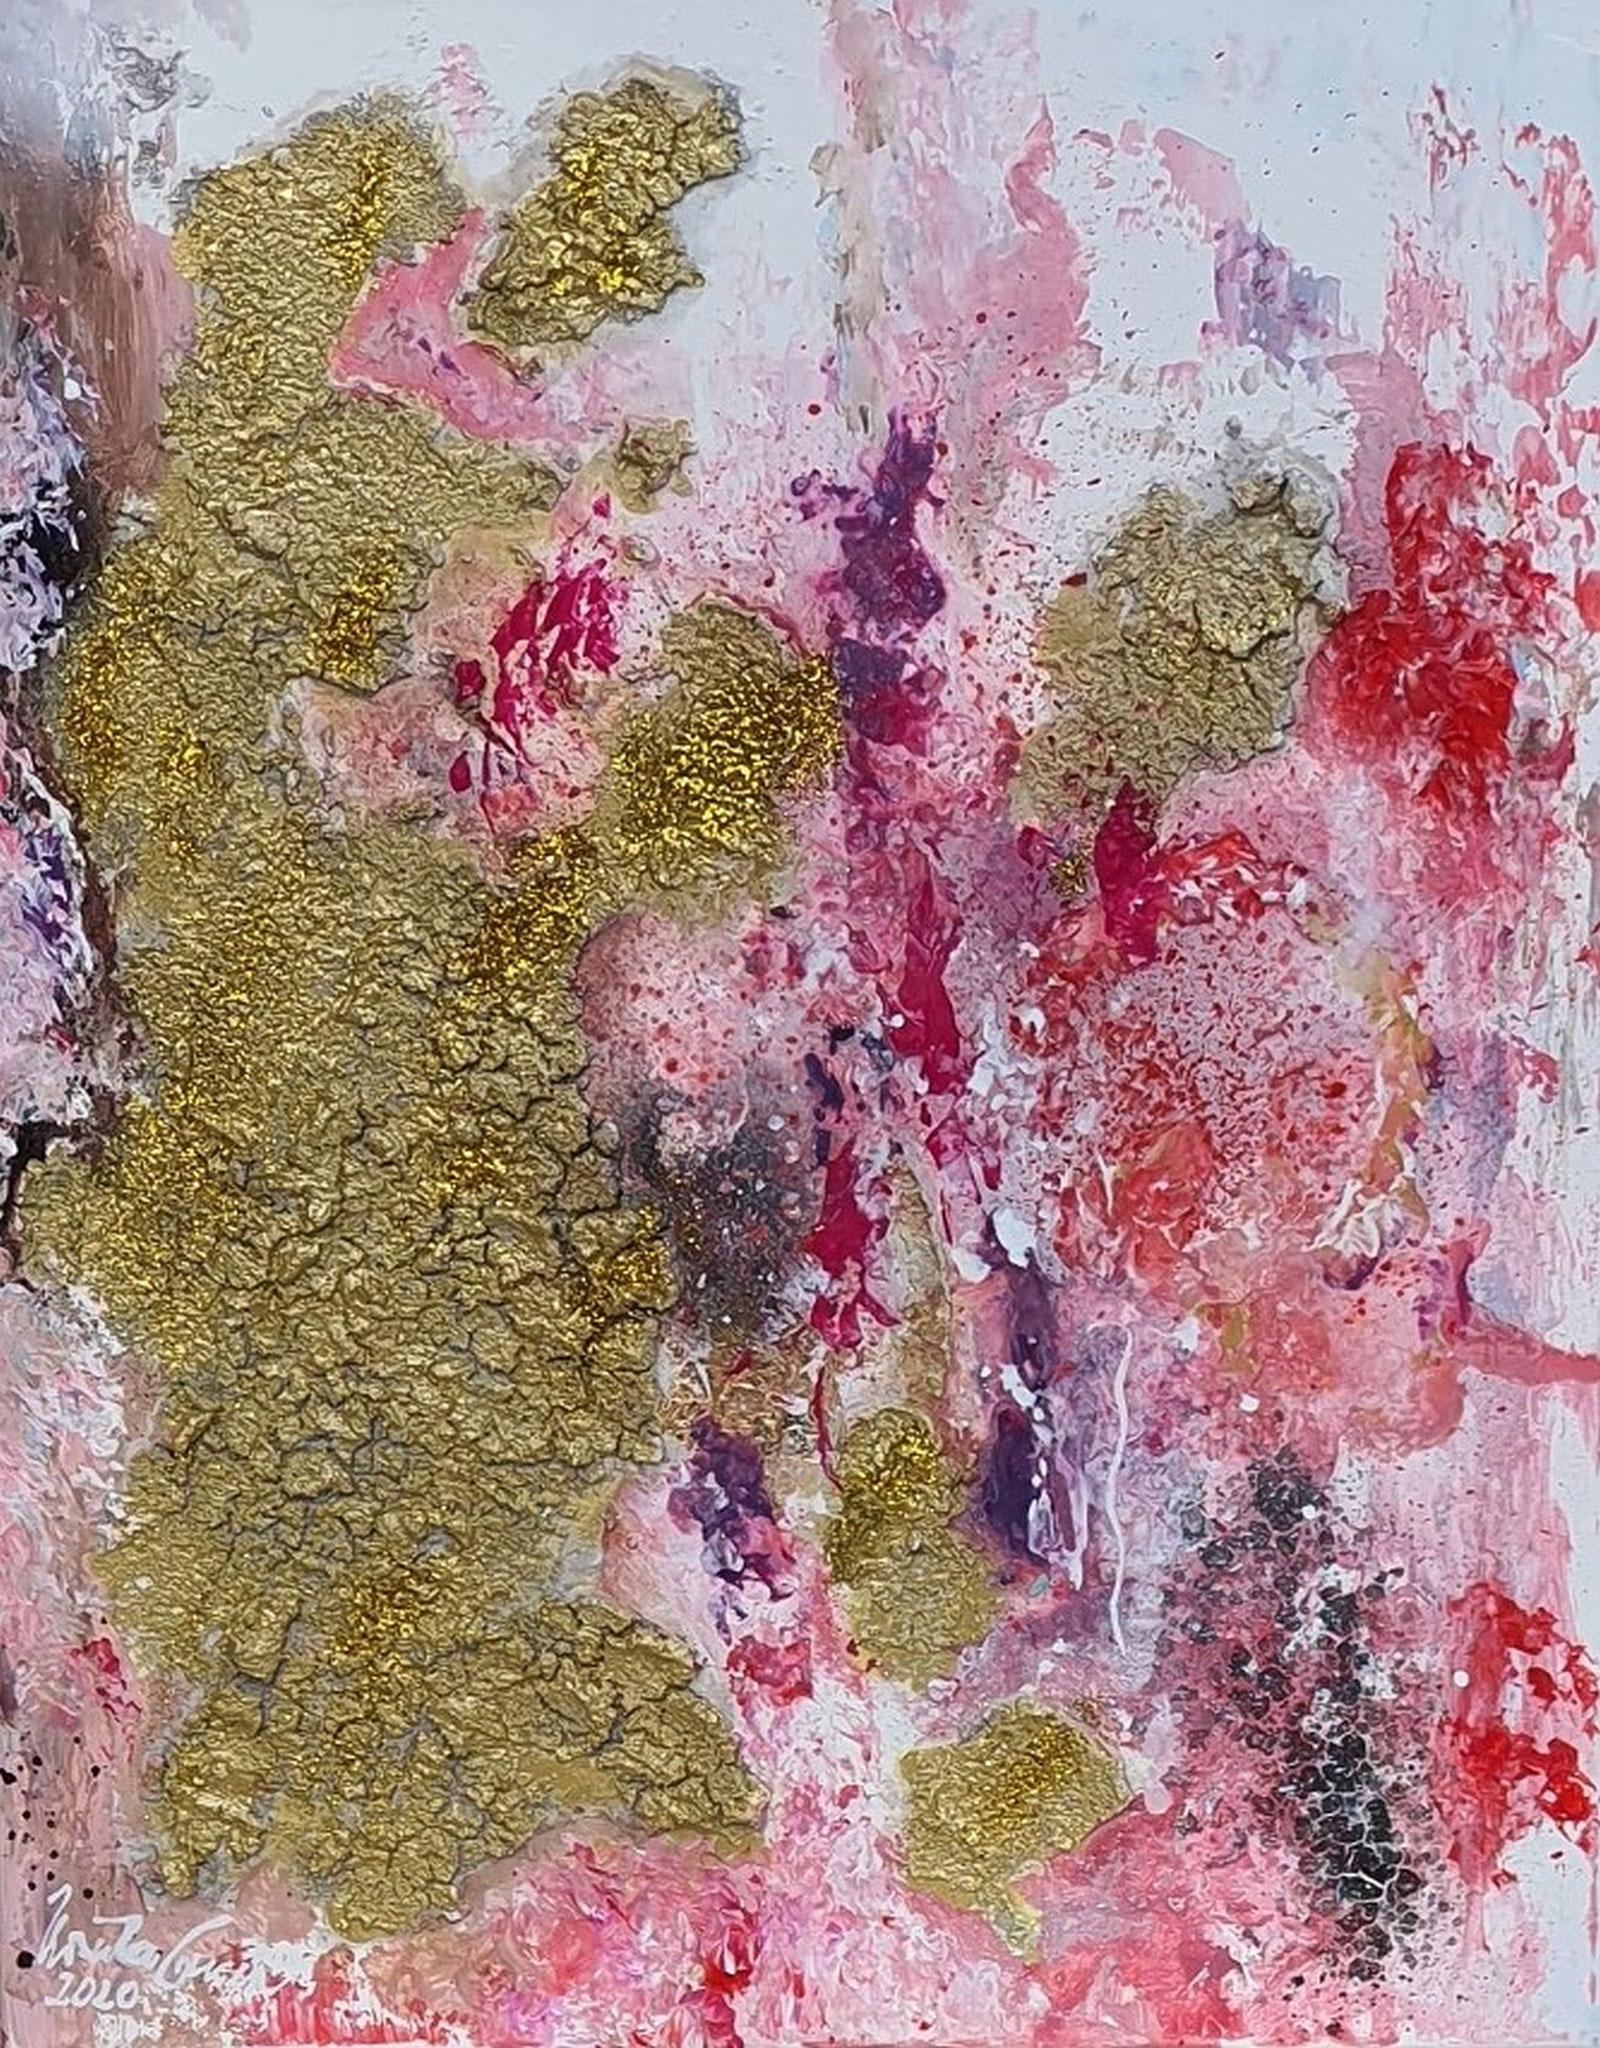 La vie en rose pour deux (Technik: Acryl/Mixed Media + paper-gold auf Leinwand 50 X 40 X 1,5 cm)